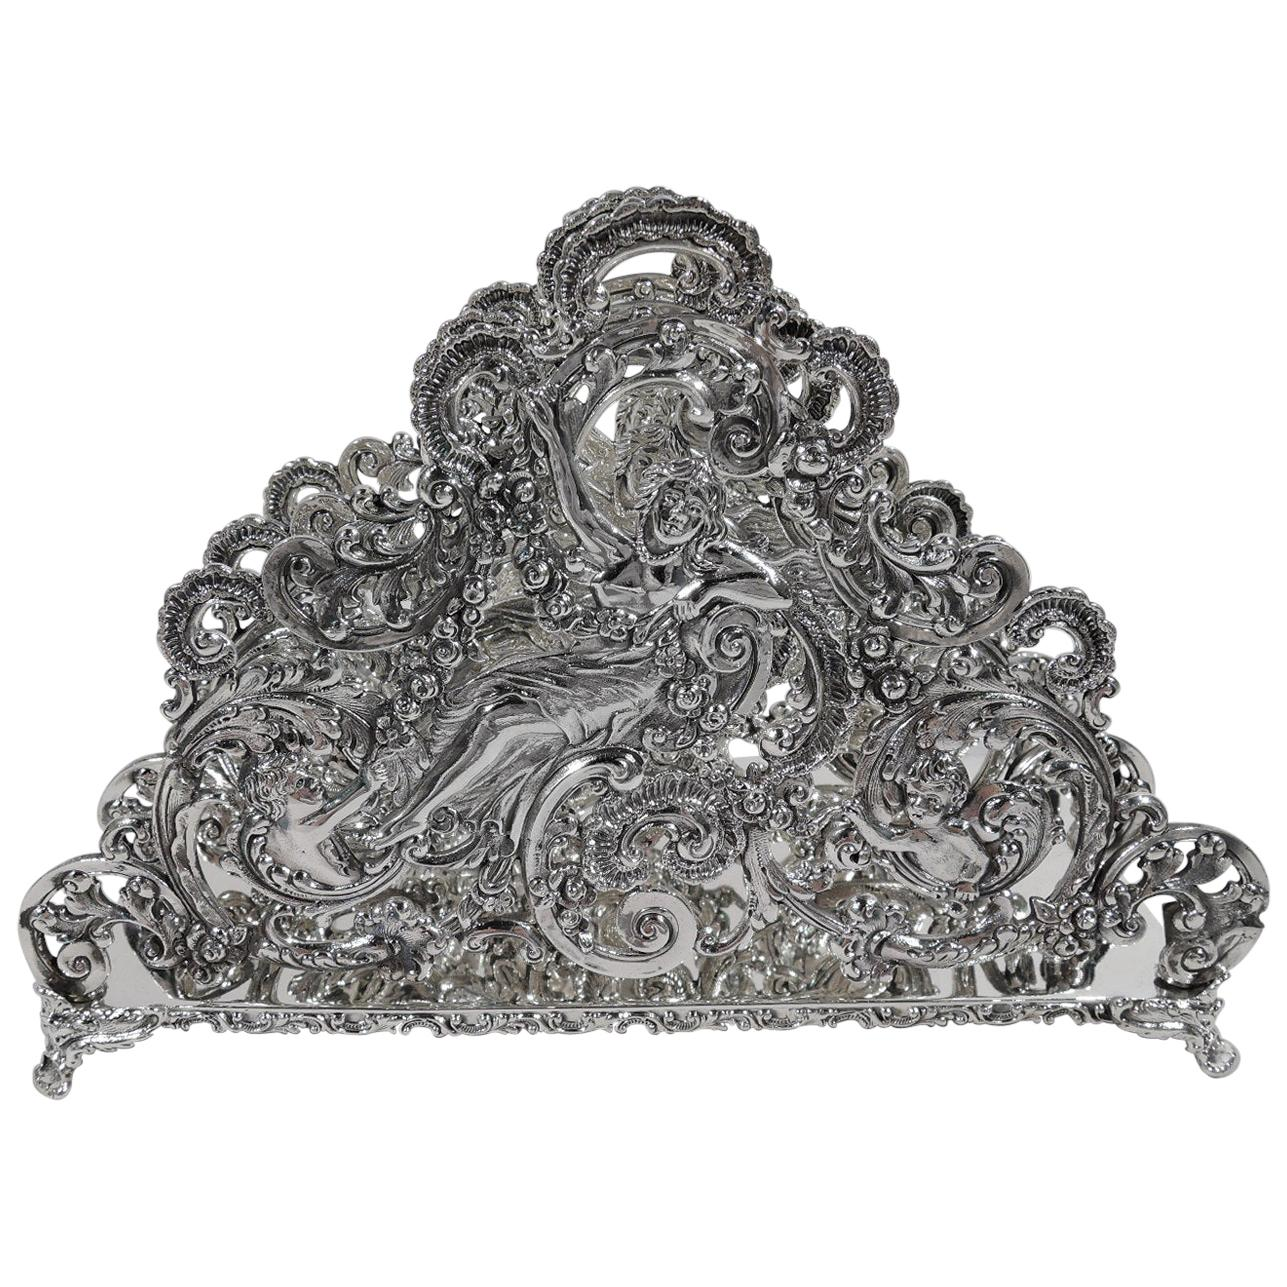 Antique American Sterling Silver Romantic Art Nouveau Rococo Letter Rack